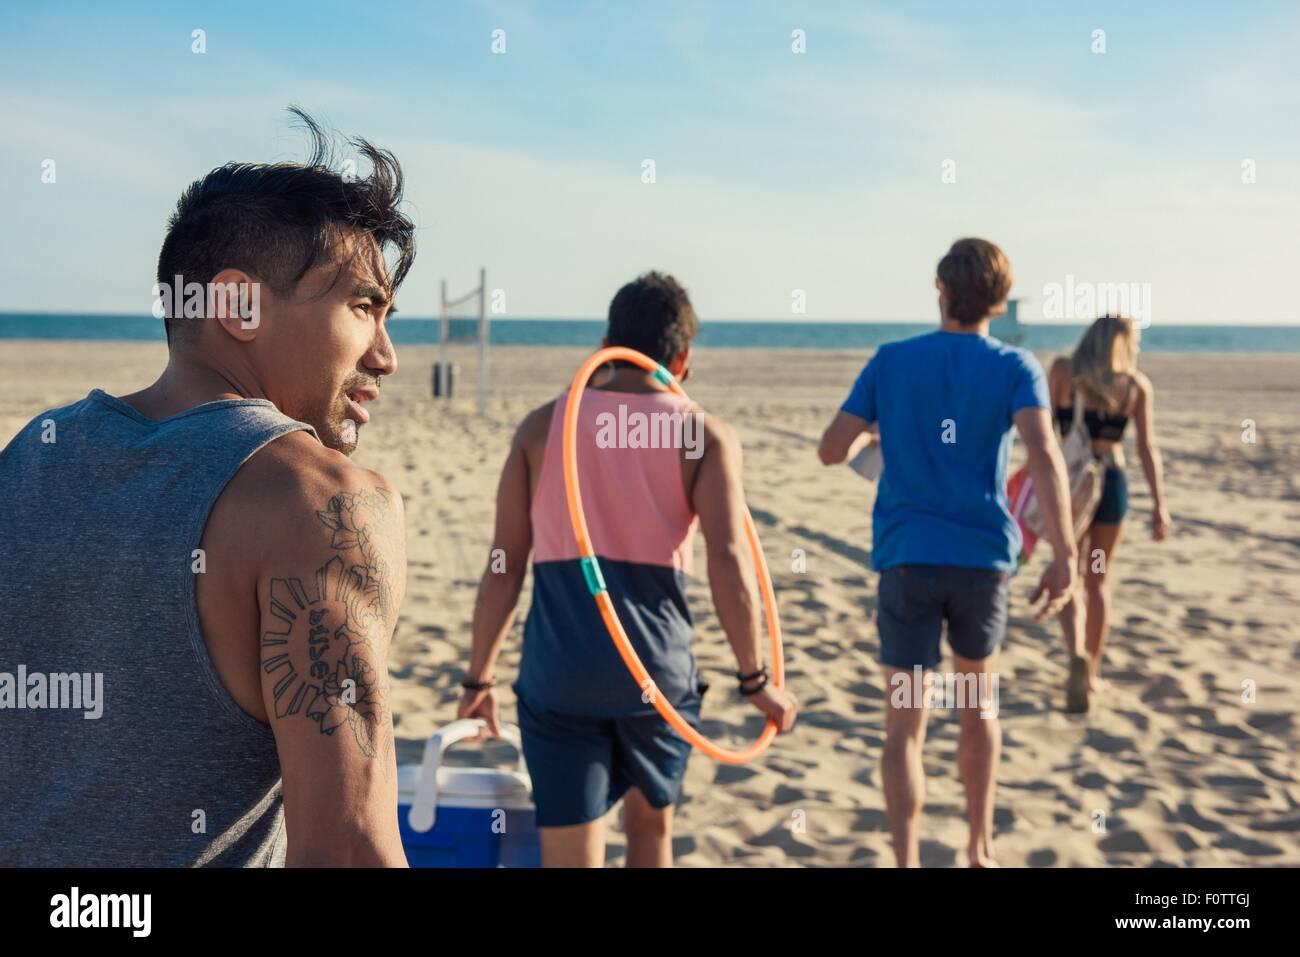 Grupo de amigos caminando por la playa, vista trasera Imagen De Stock